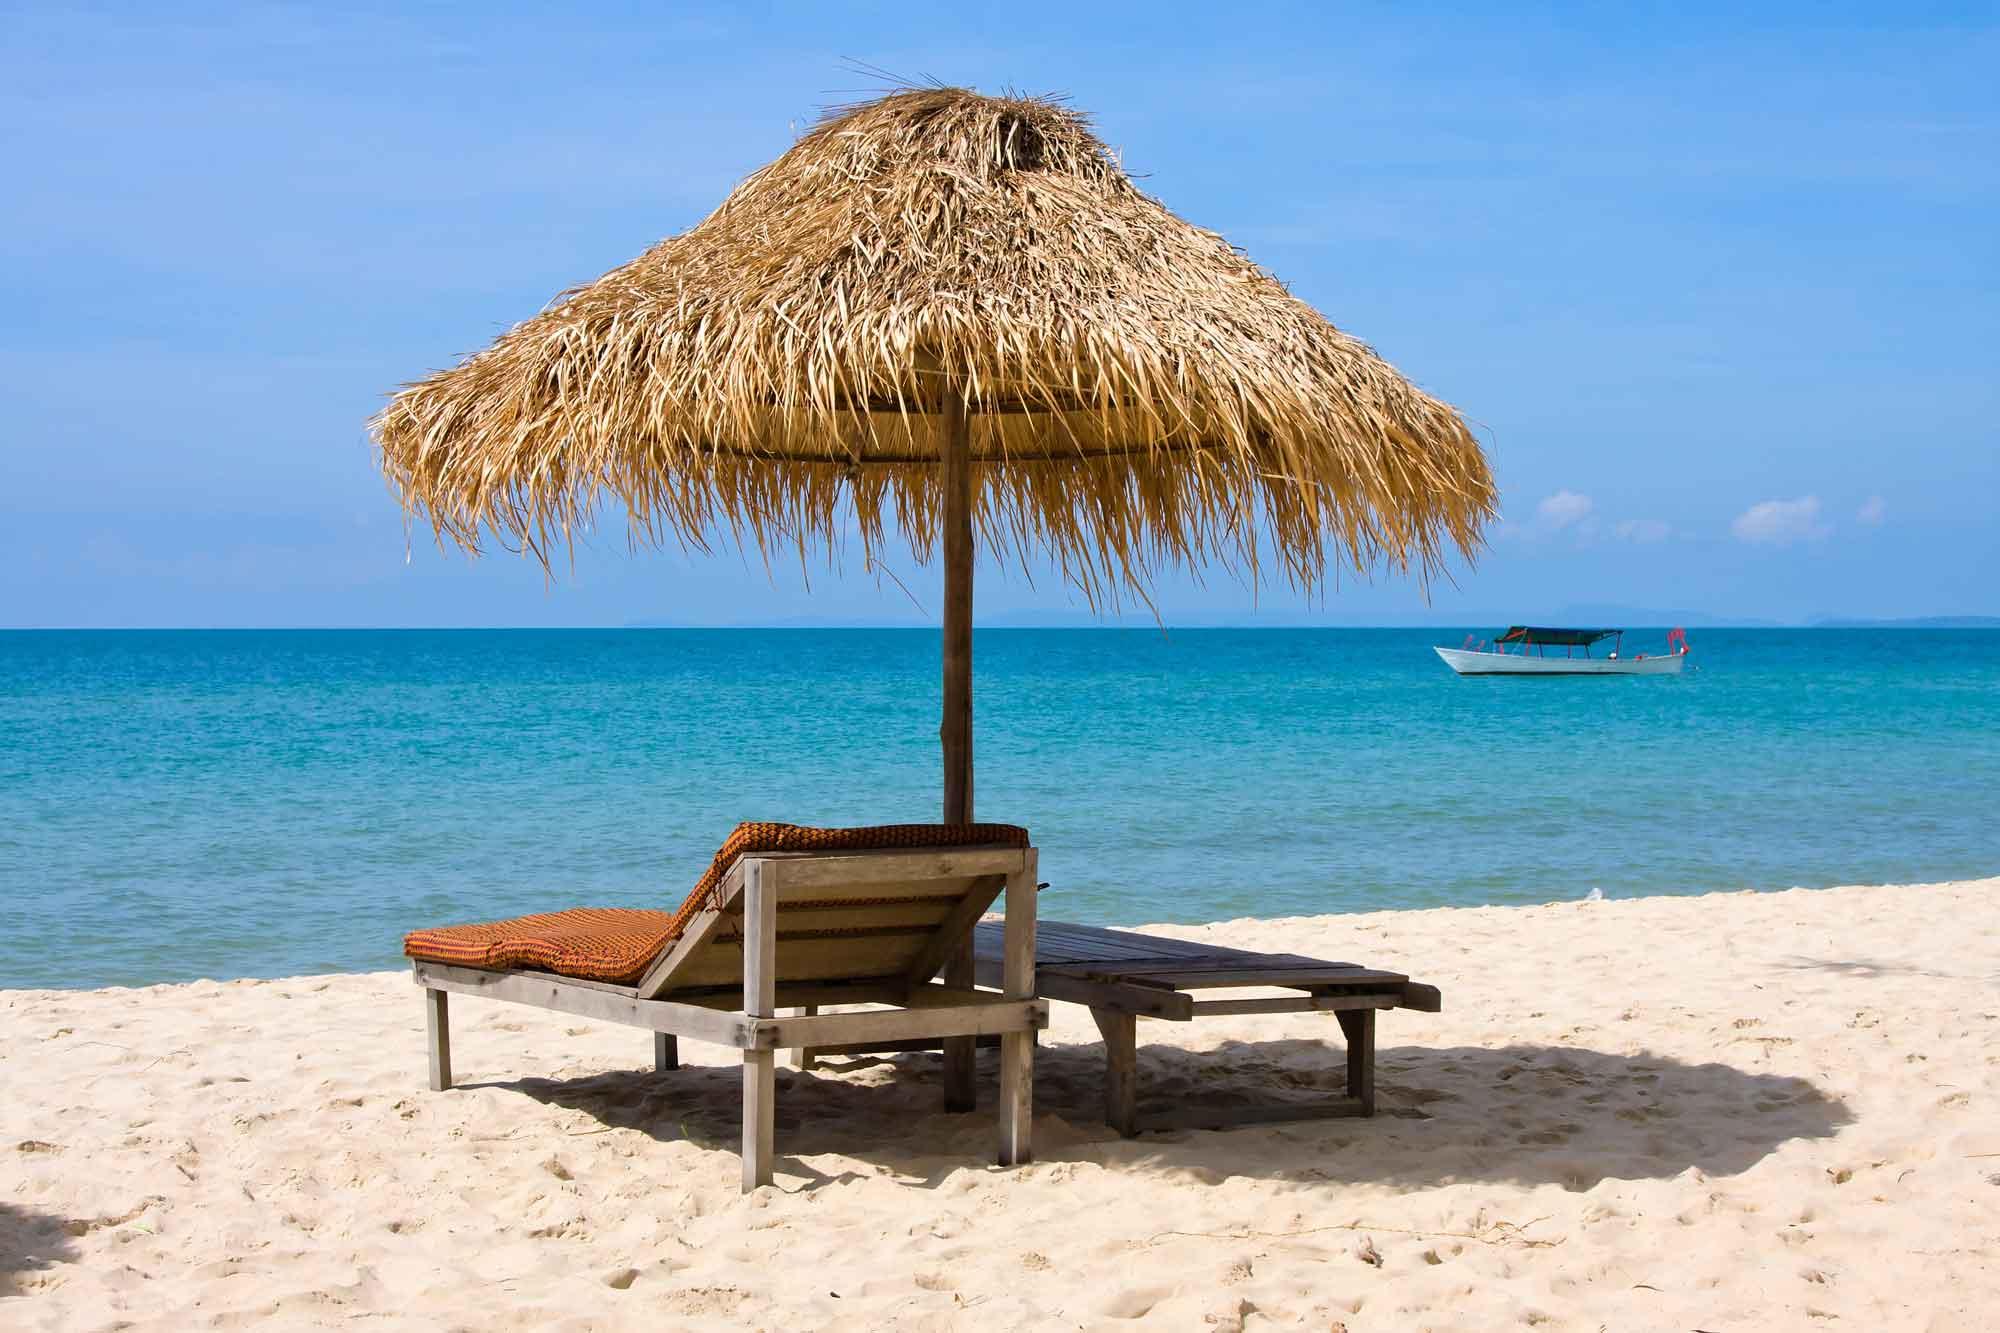 Overseas Landlords - Umbrella on beach